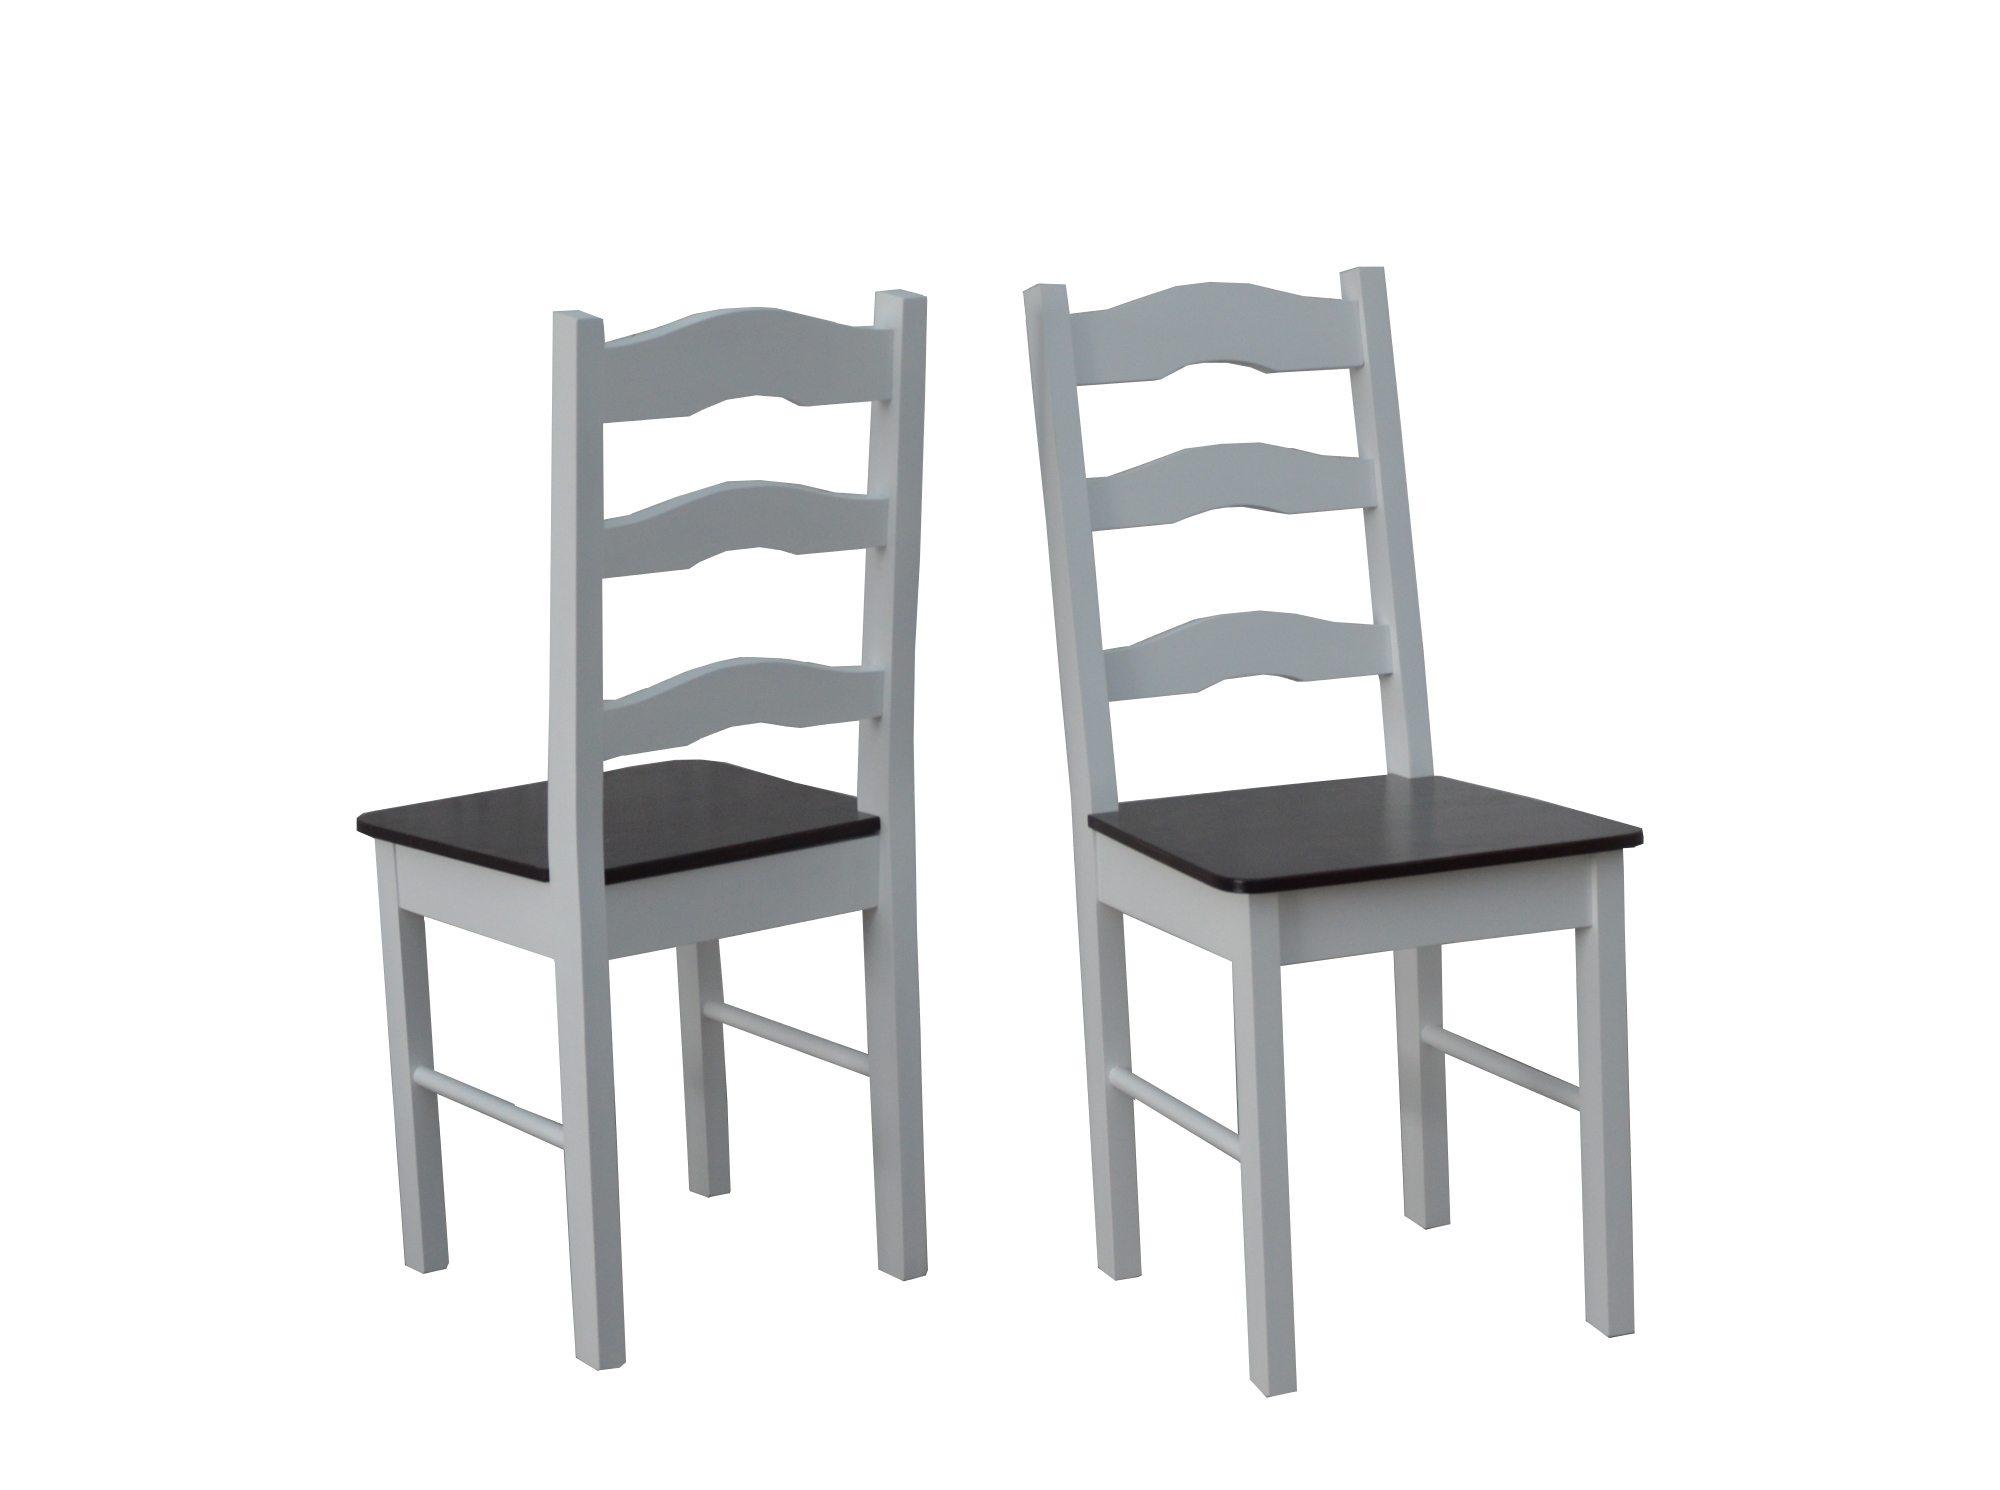 Inteligentny Krzesło do kuchni białe/krem model 7 - Stół Plus Krzesła VL68